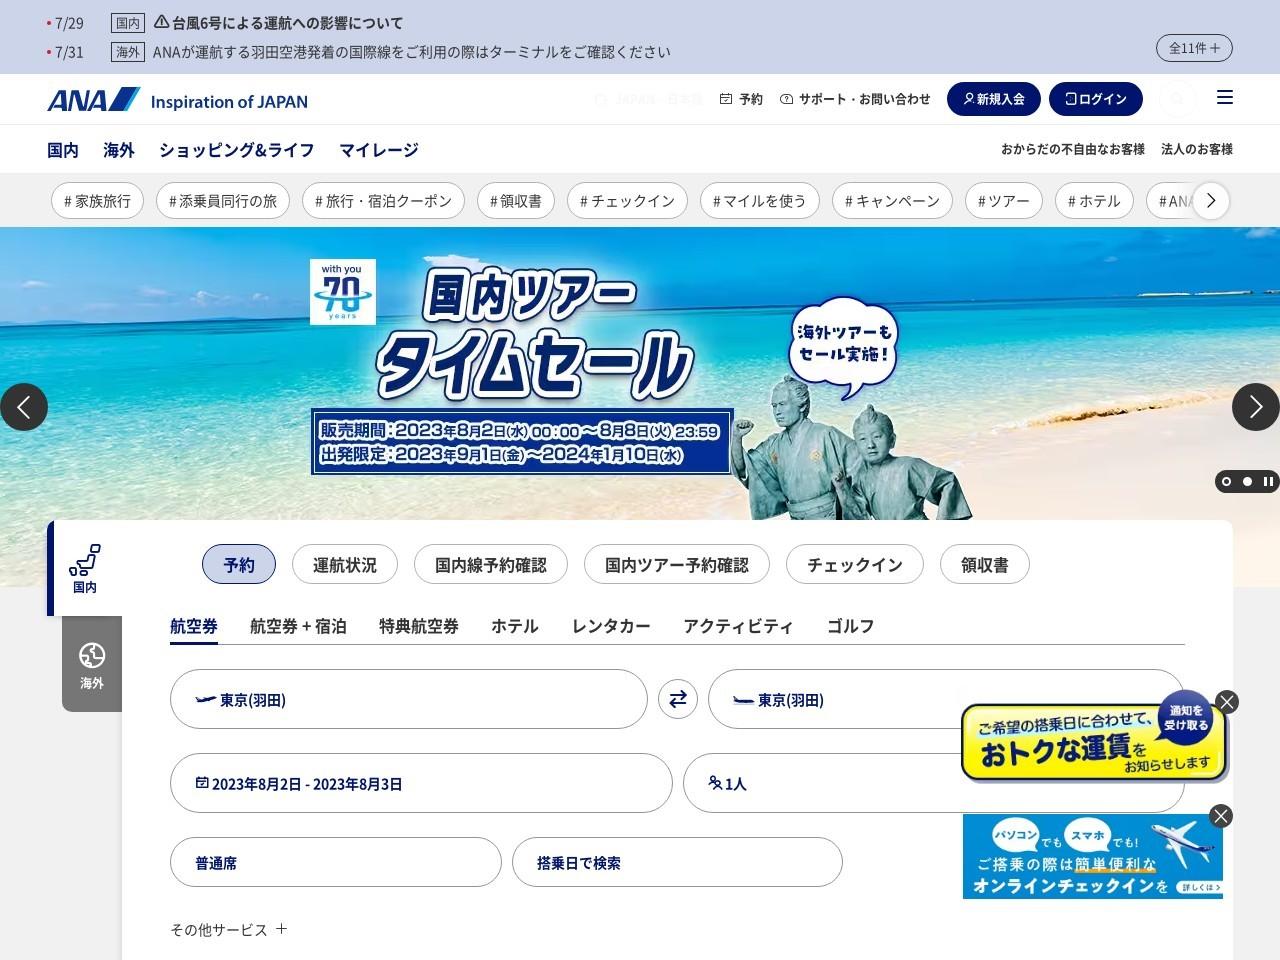 概要 | 提携航空会社特典航空券 | マイルを使う | ANAマイレージクラブ